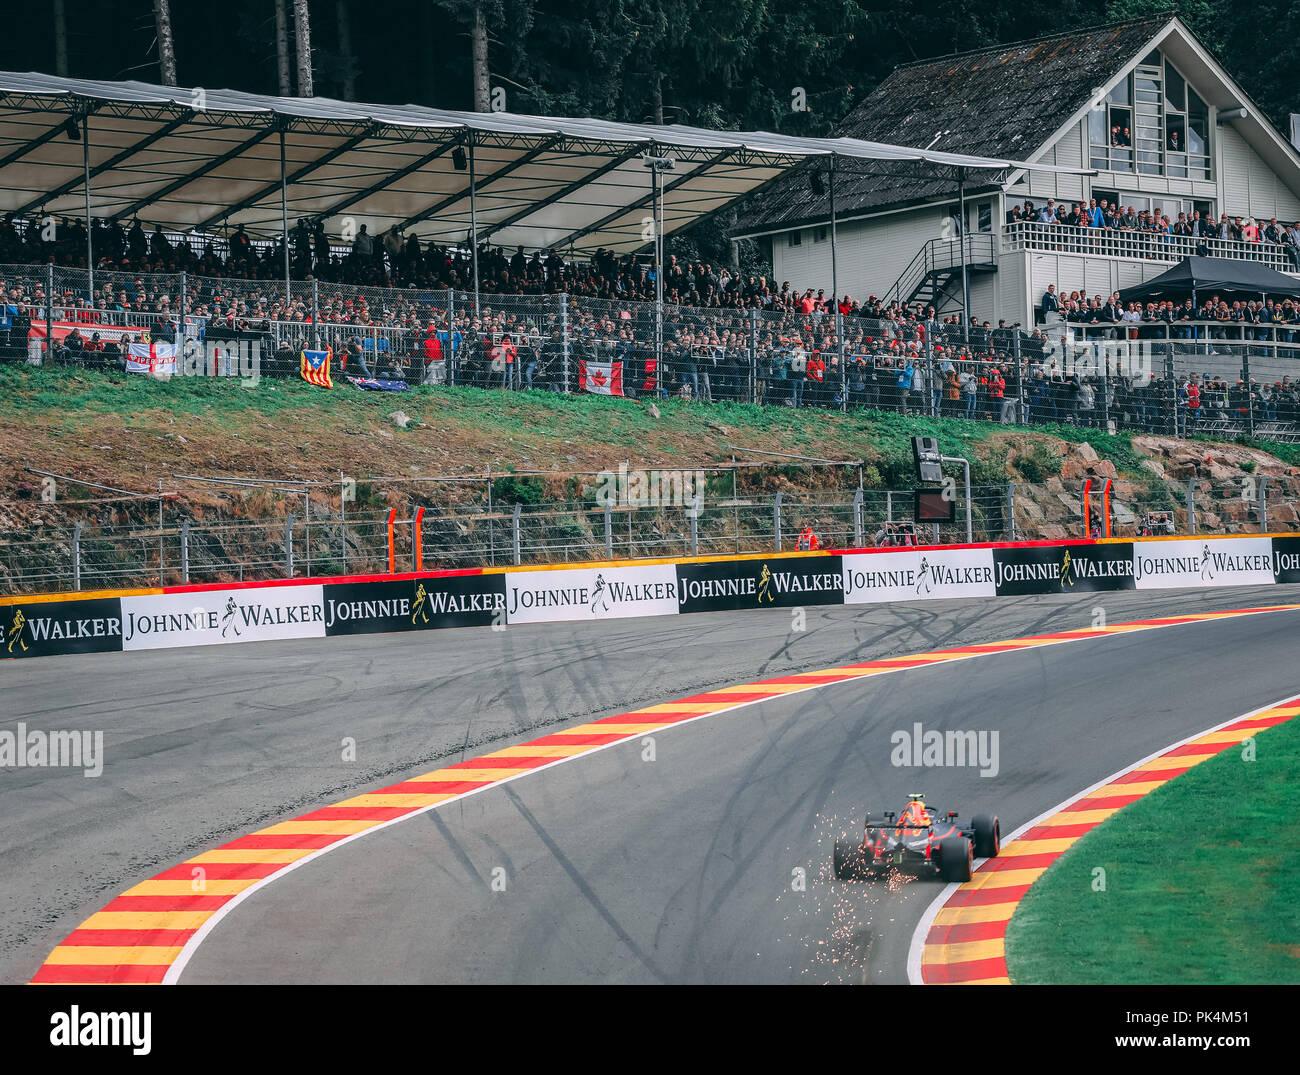 Circuito Spa : Max verstappen corse intorno al famoso angolo pouhon presso il